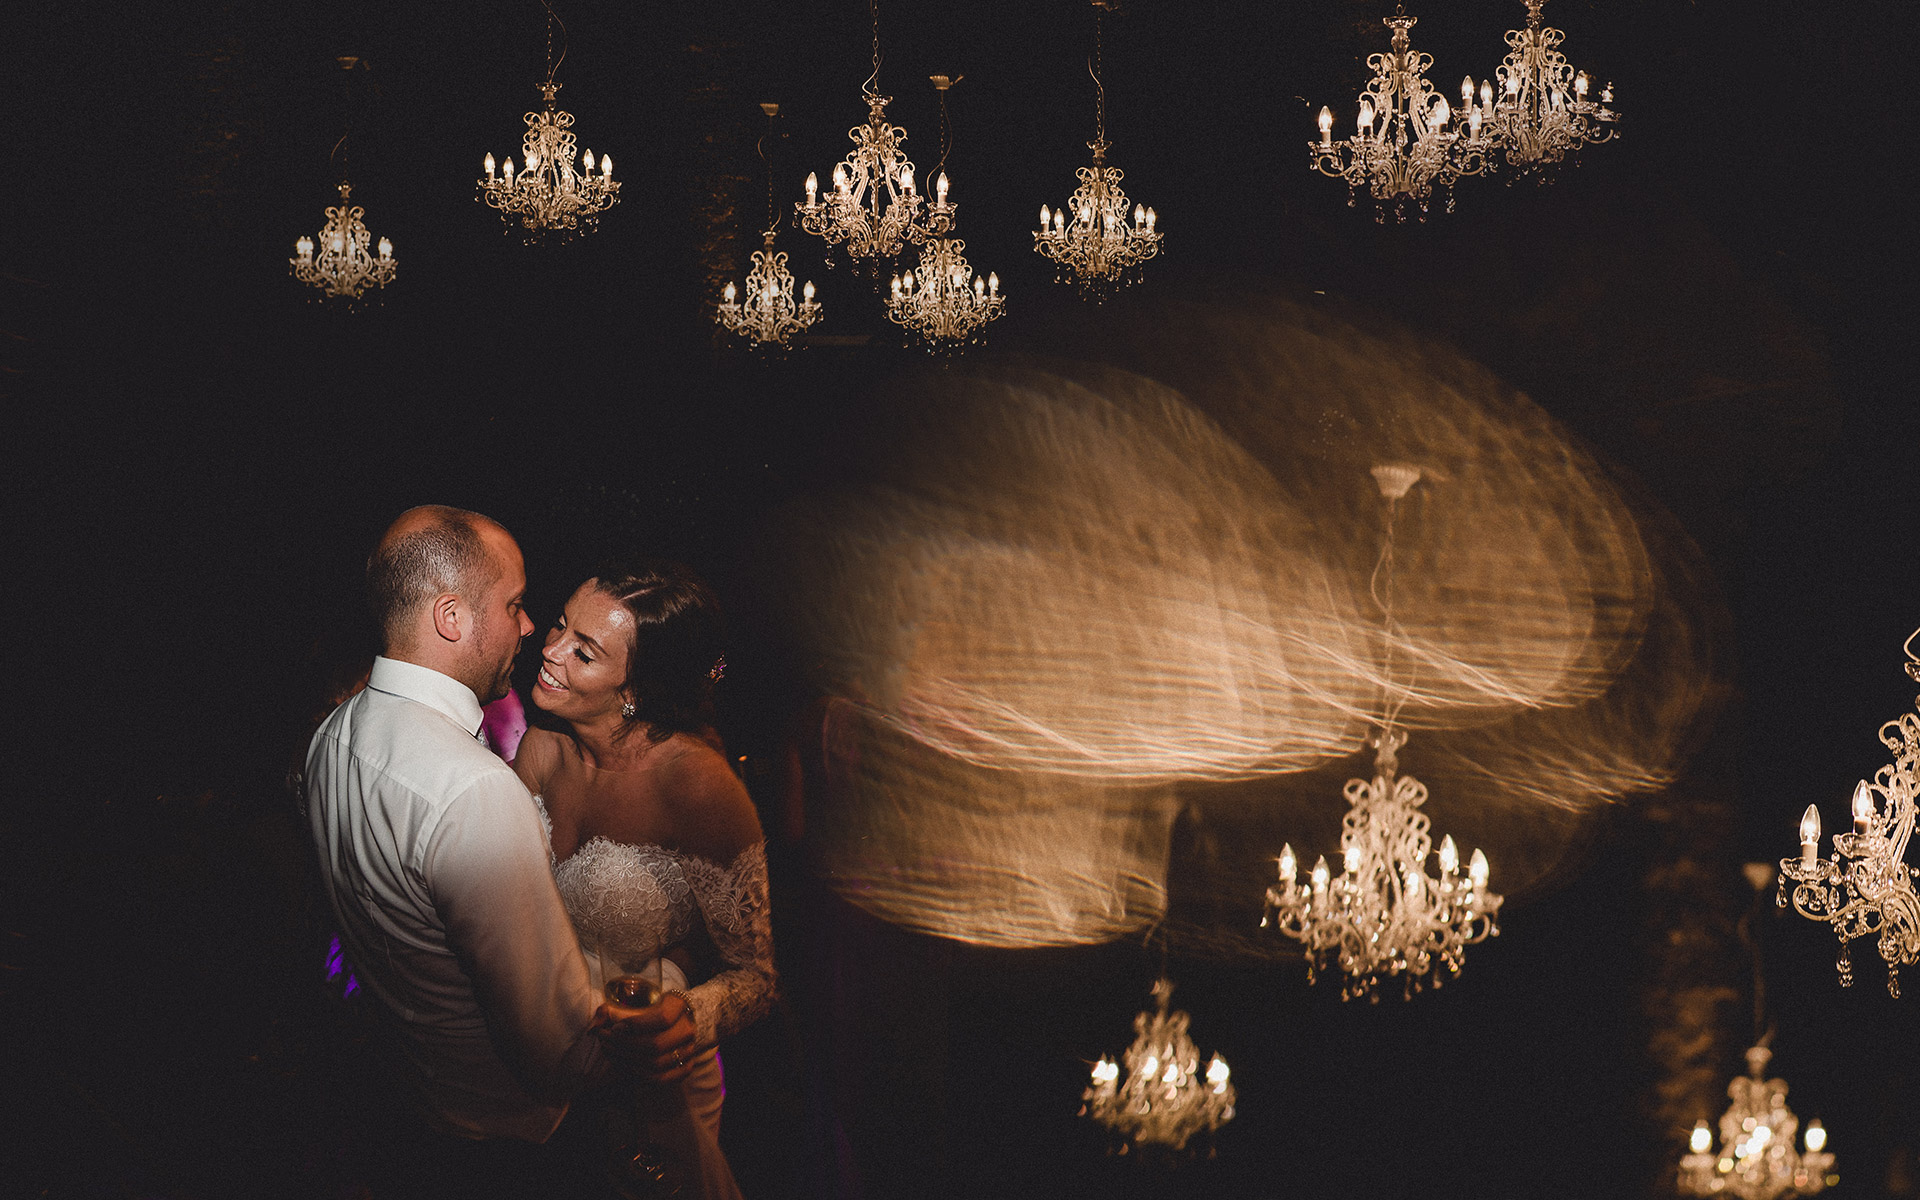 sponza palace wedding photography